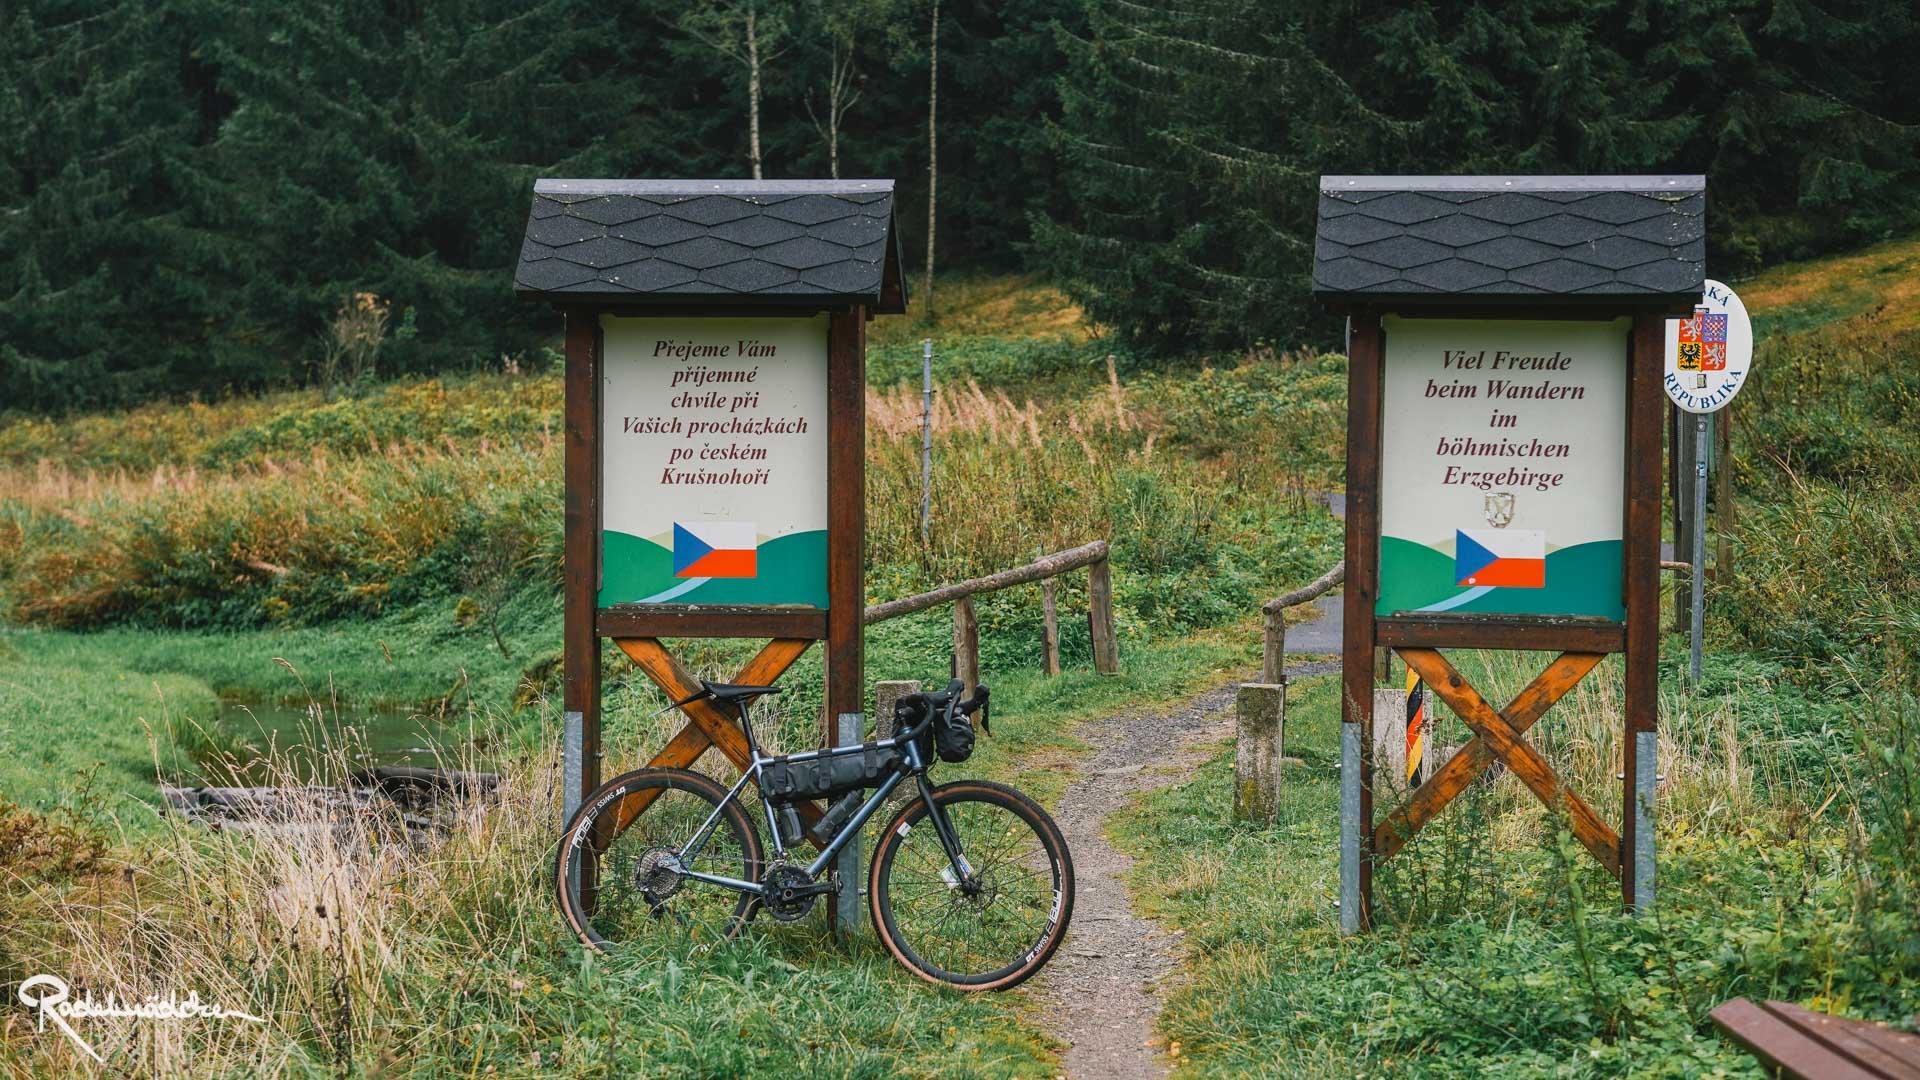 Schilder an der tschechischen Grenze im Grünen mit Fahrrad